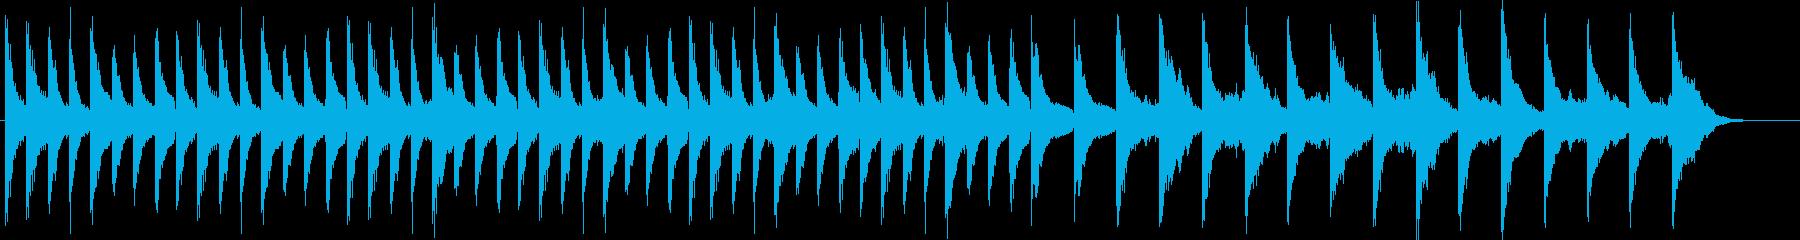 ノスタルジックなピアノコードと浮遊感の再生済みの波形